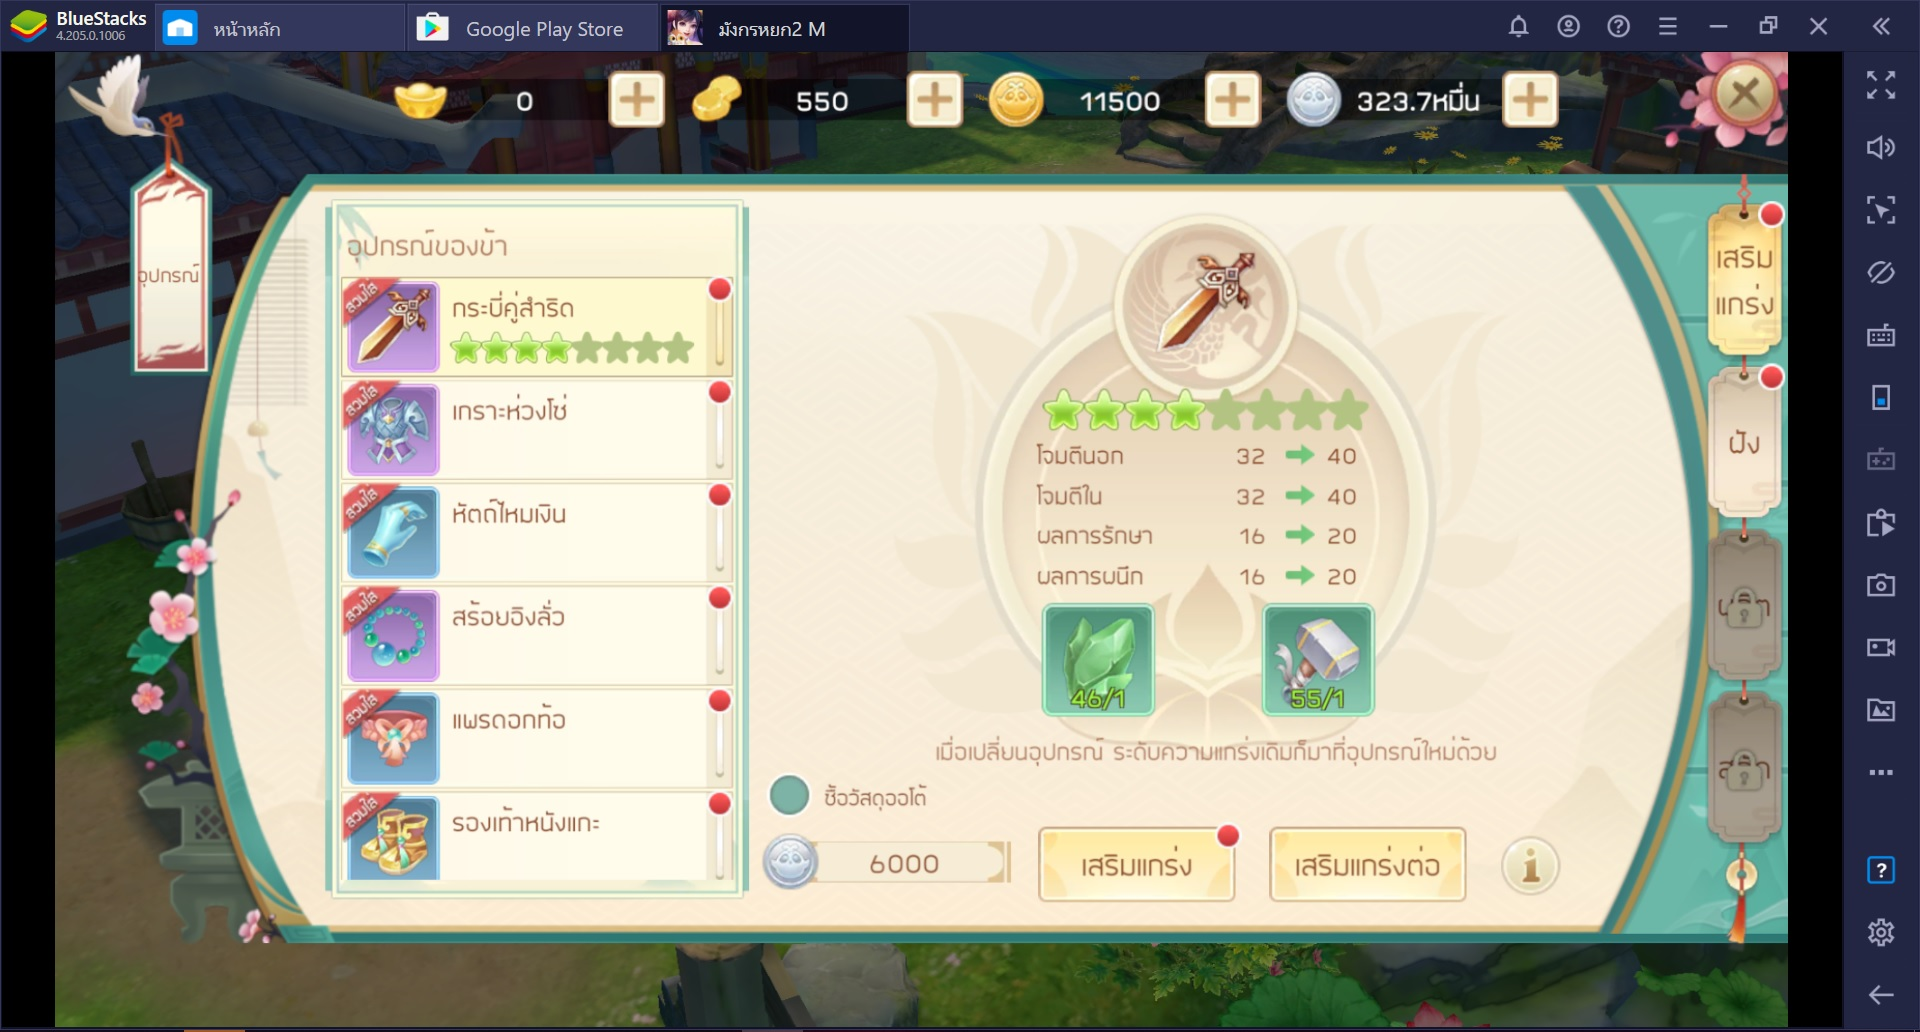 แนะนำระบบต่างๆ ของเกม มังกรหยก2 M